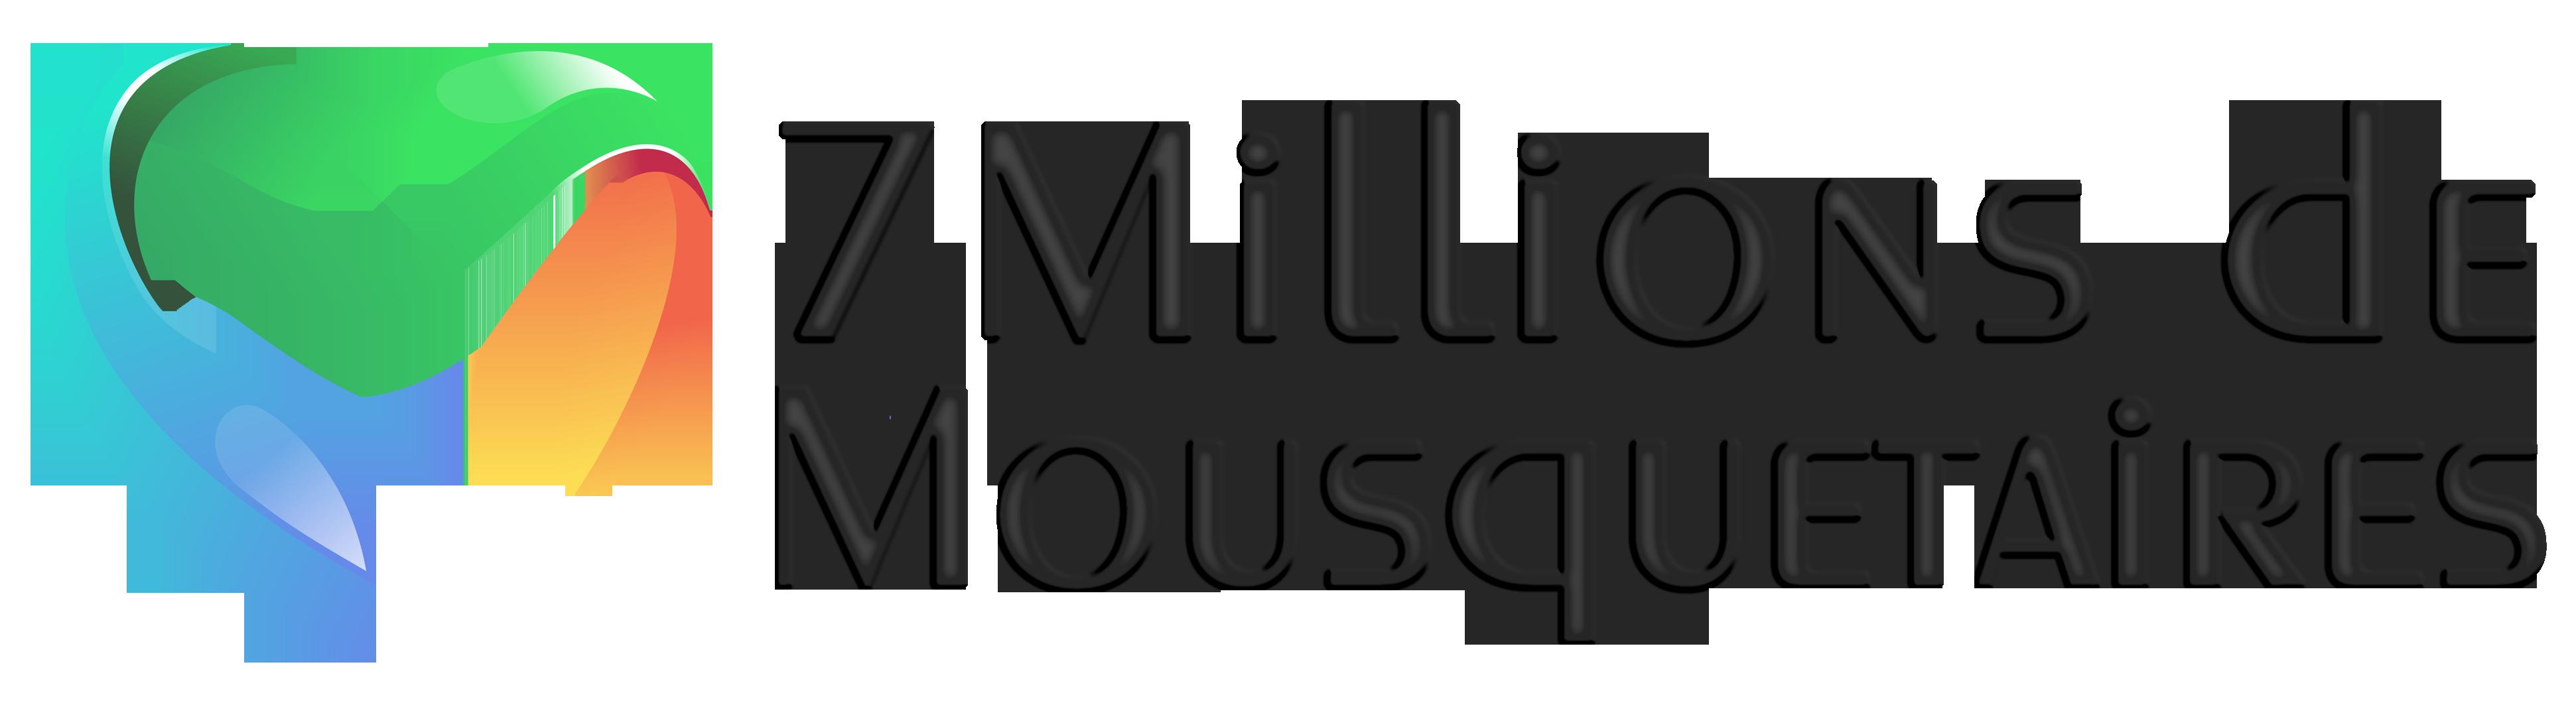 7 Millions de Mousquetaires